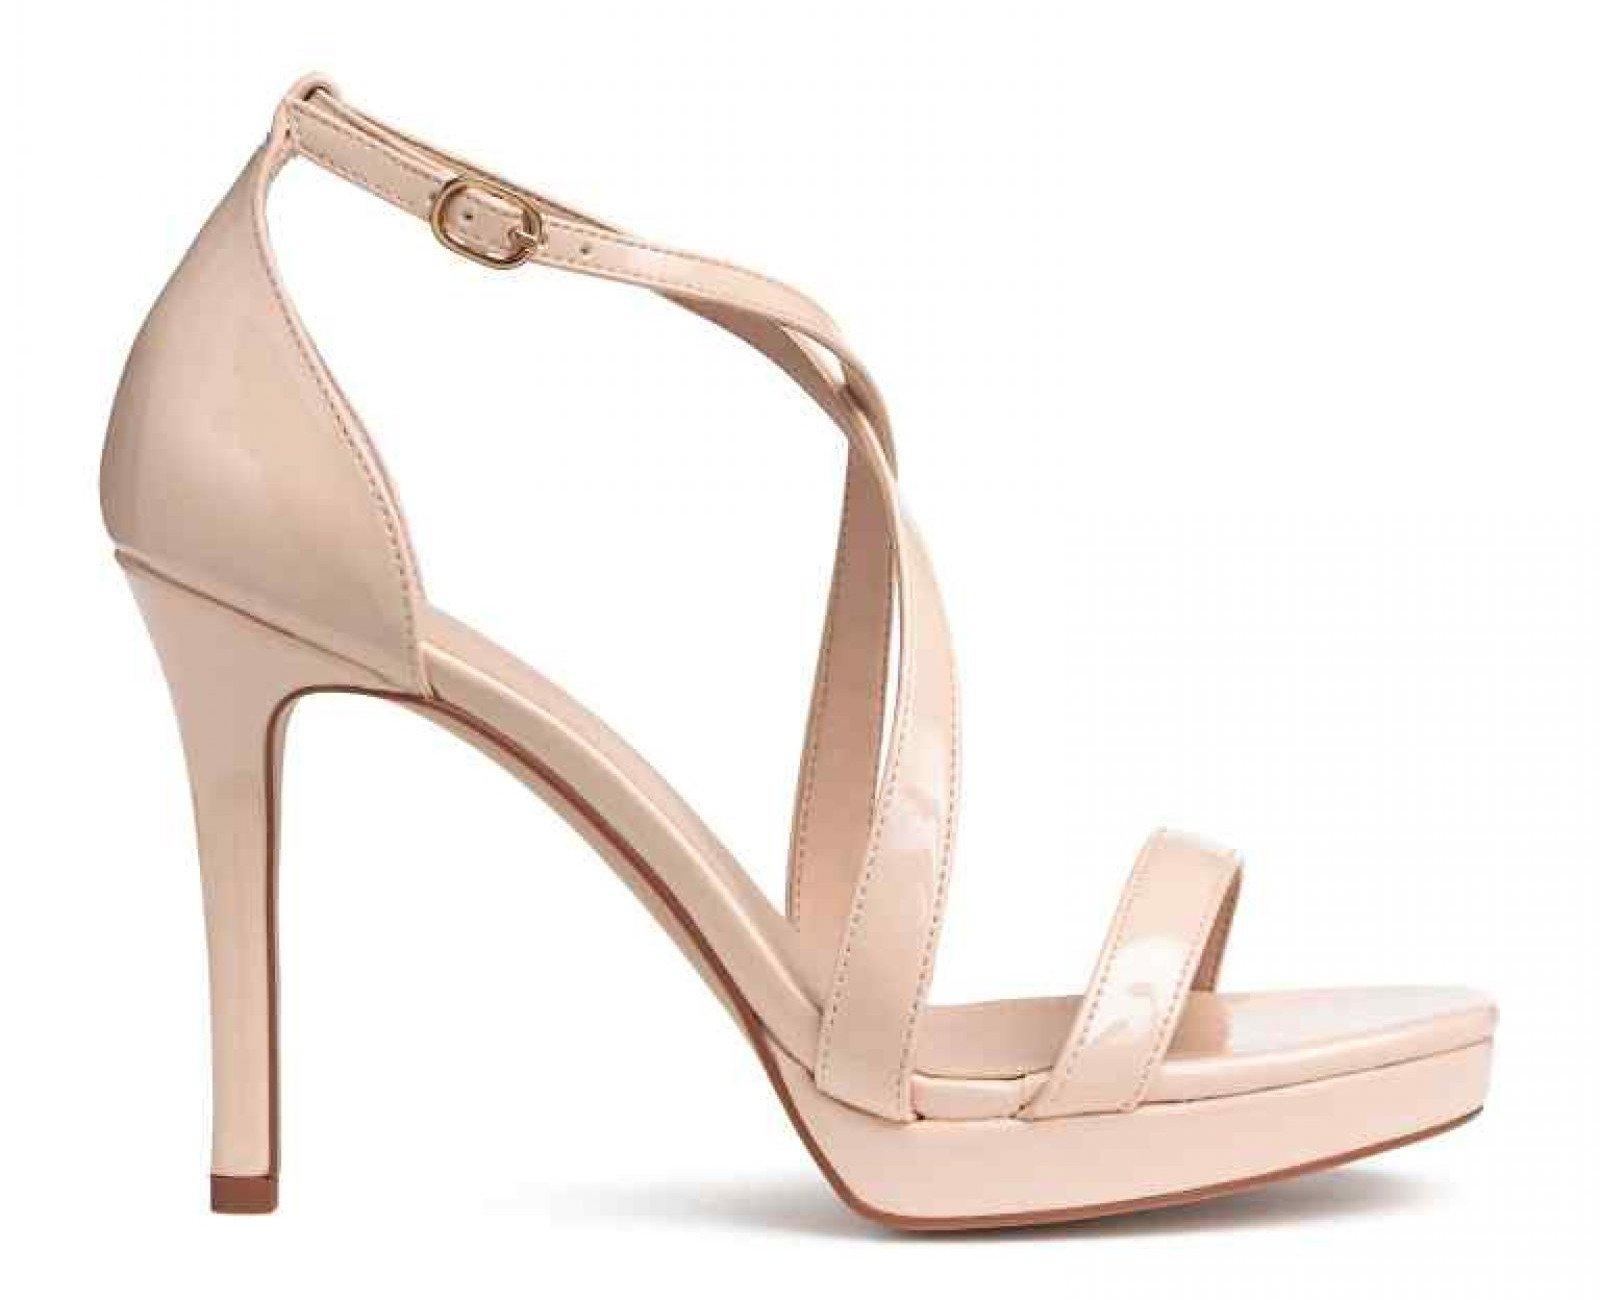 Las sandalias 'nude' de tiras cruzadas de H&M, por 29,99 euros